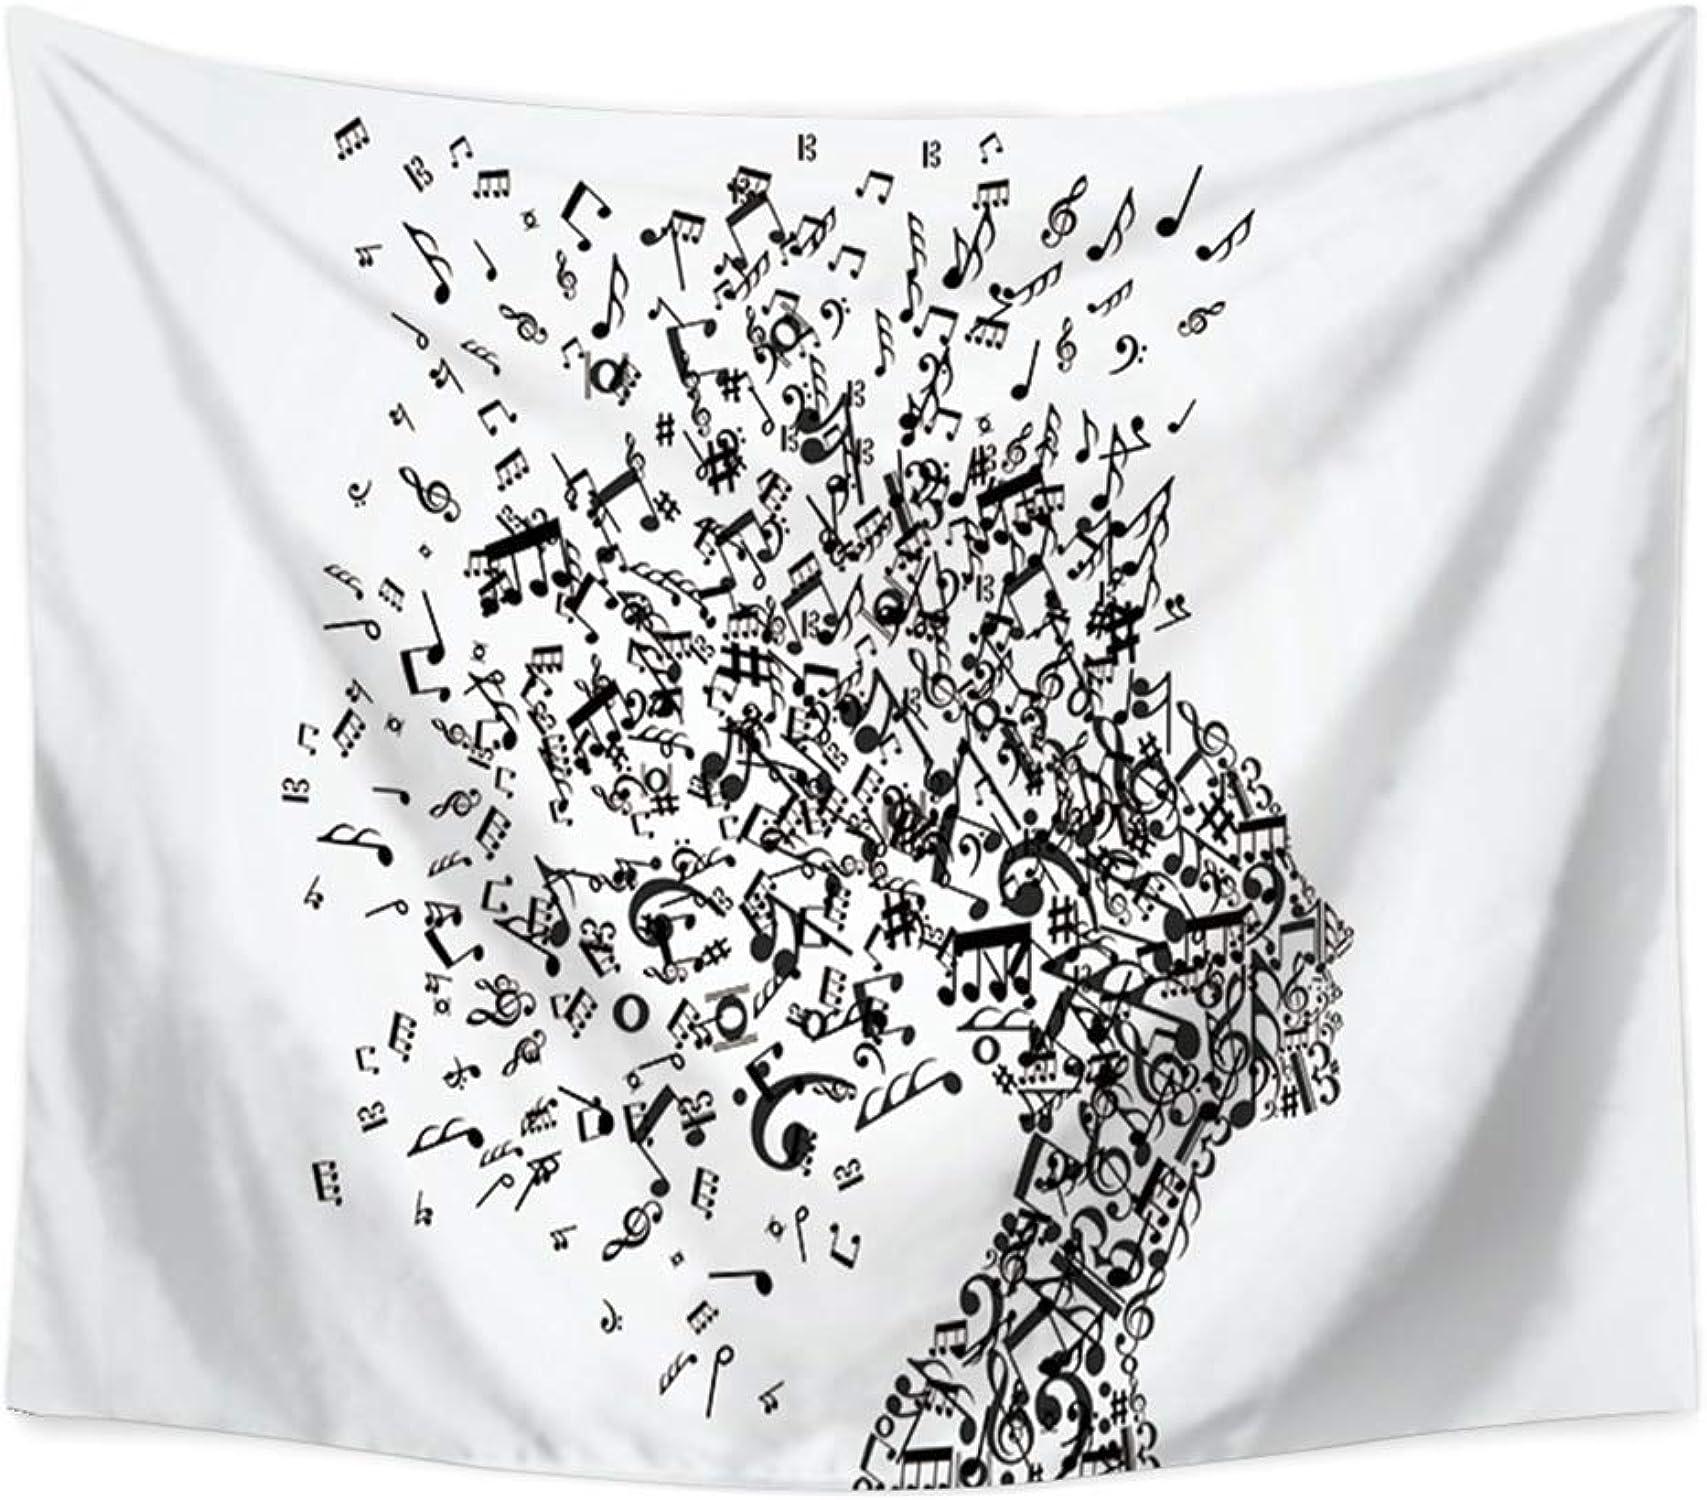 cómodo Yetta Home Observe el Tapiz Tapiz Tapiz Indio Hippie, decoración para el hogar, Tapiz de Pensamiento mágico, Tapiz, Colcha Boho (Talla   150 x 130 cm)  con 60% de descuento